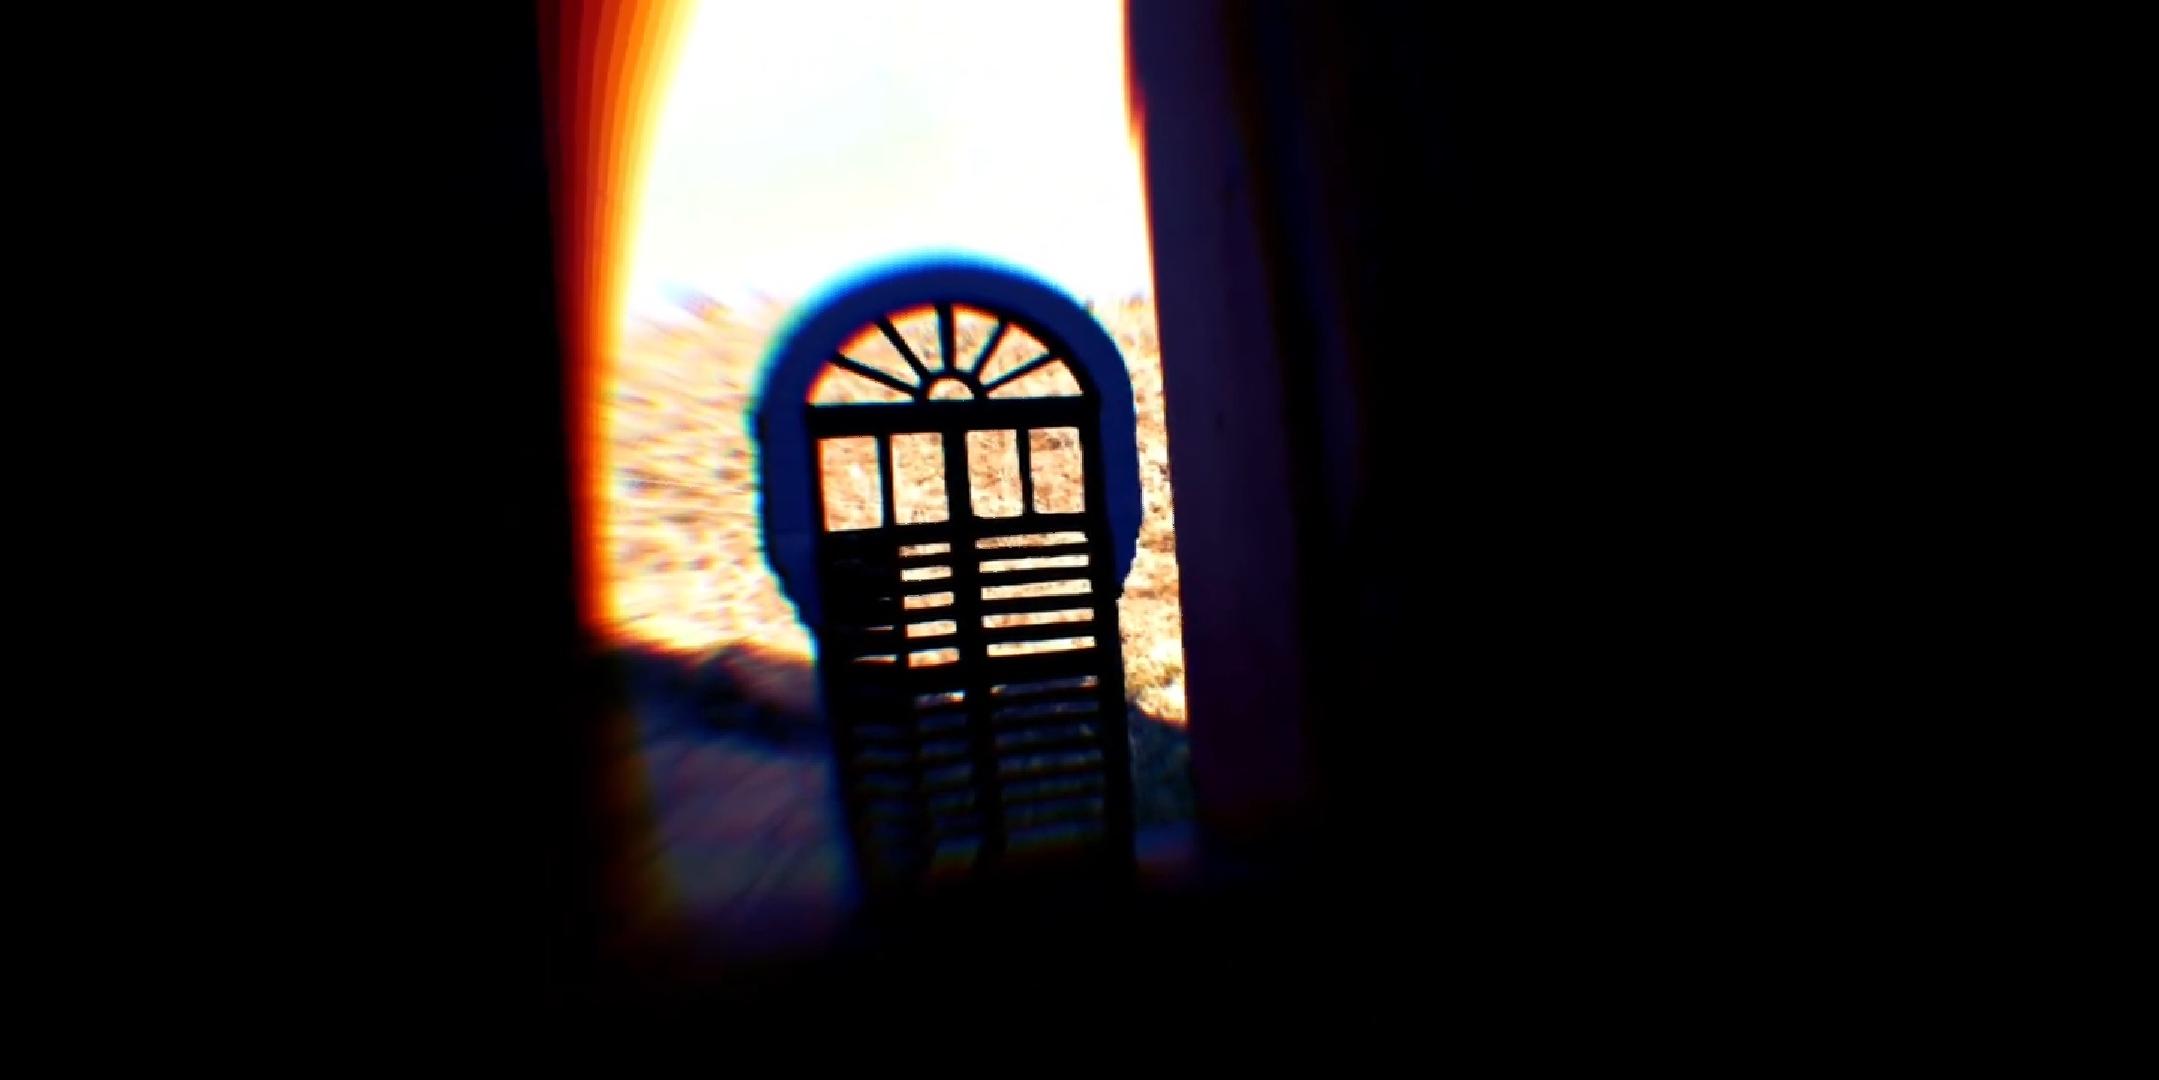 Still_No meu quarto tem poesias, memórias, sabedoria e cultura popular